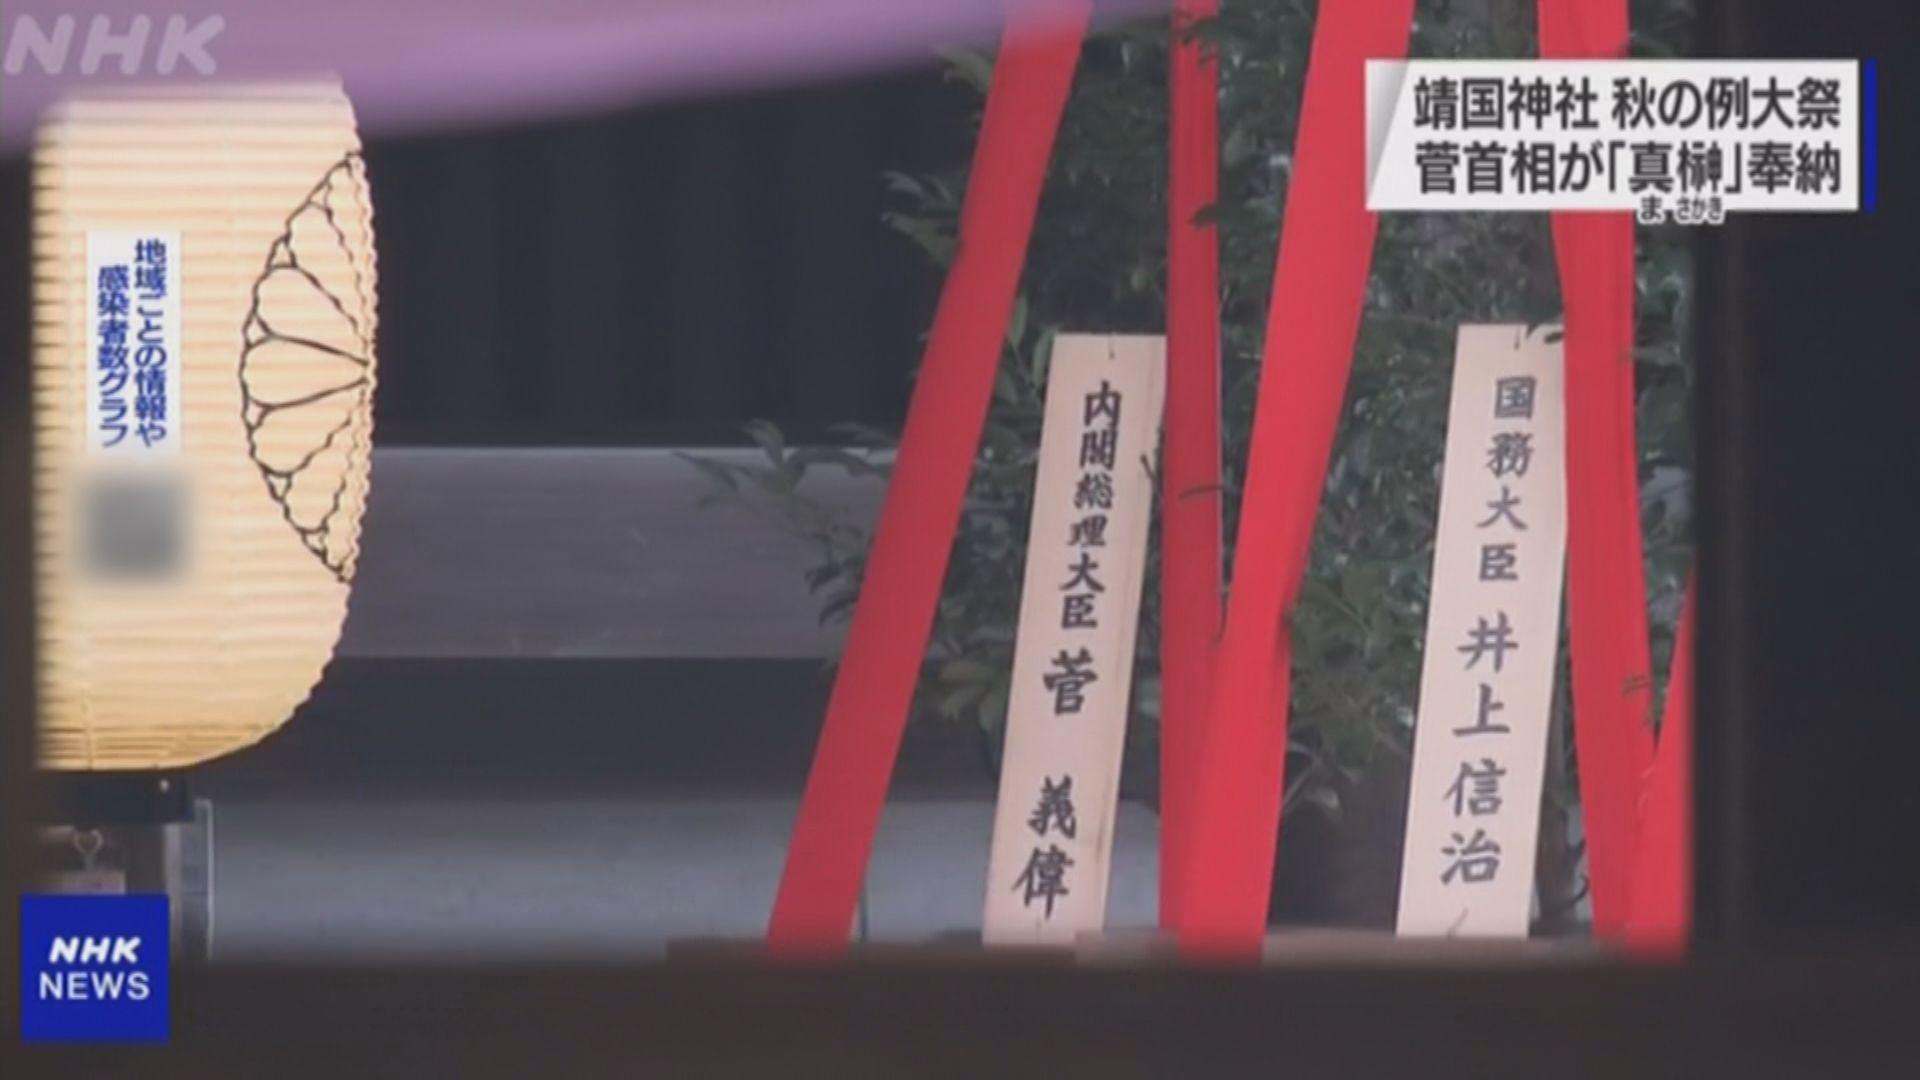 菅義偉向靖國神社供奉祭品 南韓外交部:深表遺憾